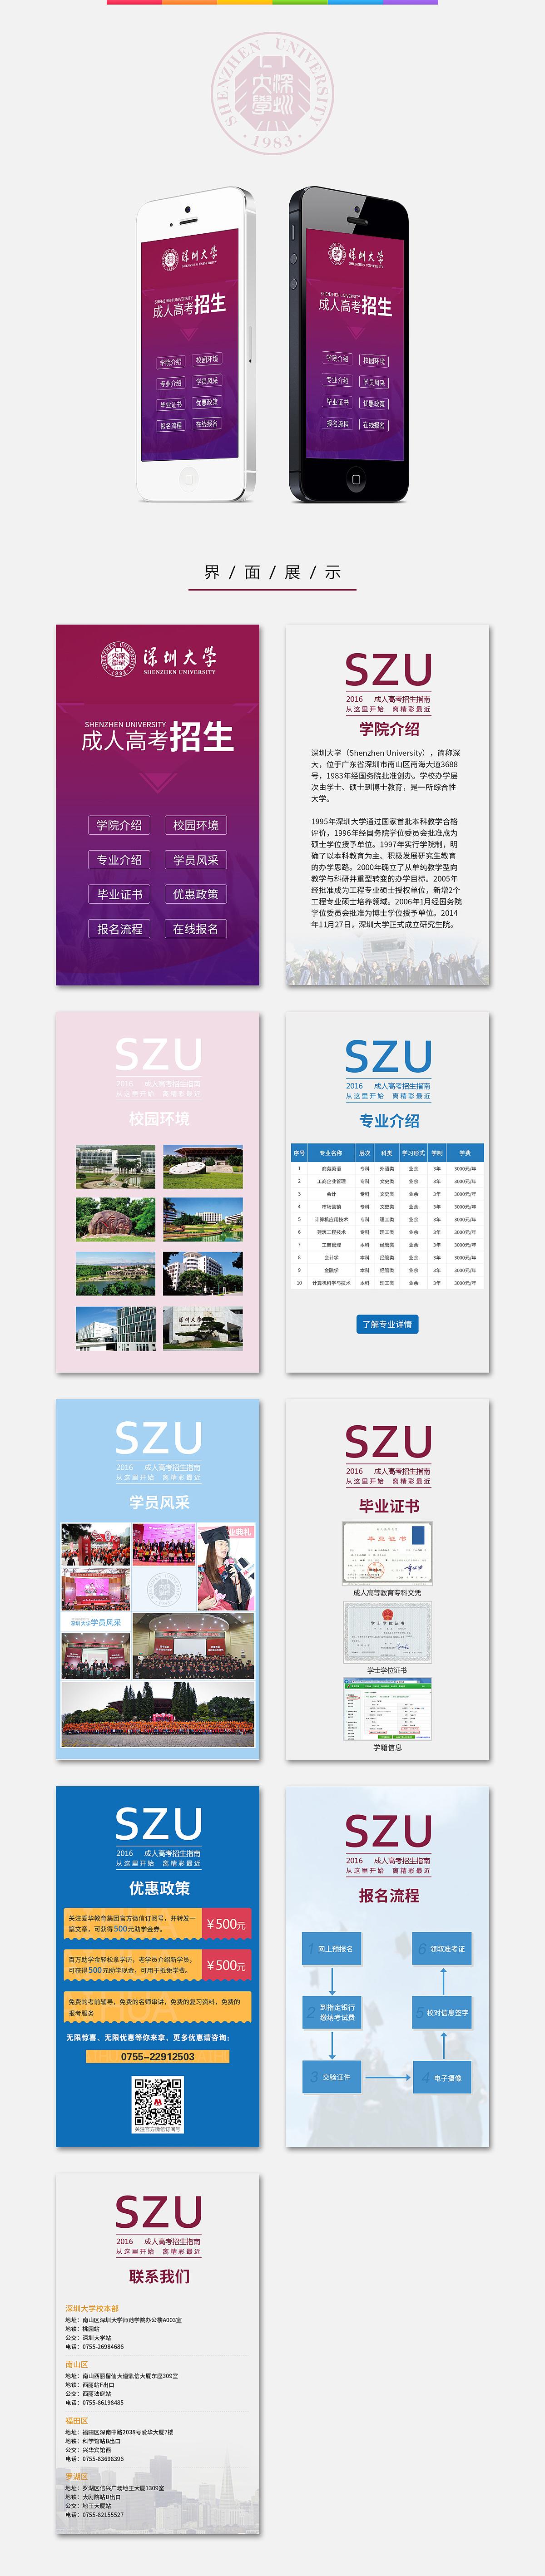 成人高考数学�zh�_成人高考招生h5页面